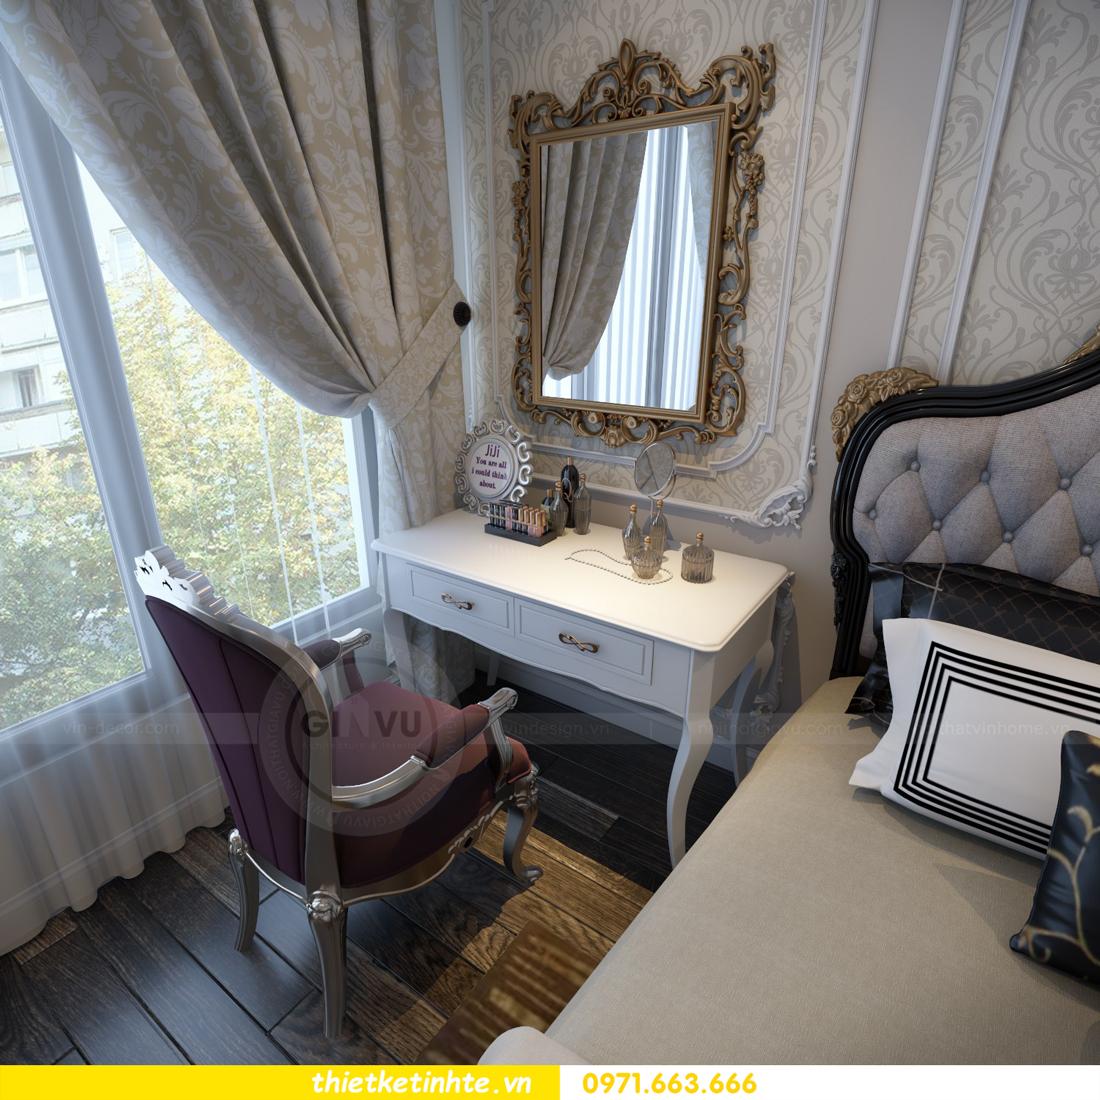 thiết kế nội thất chung cư Vinhomes Gardenia tòa A2 căn 06 chị Nụ 13